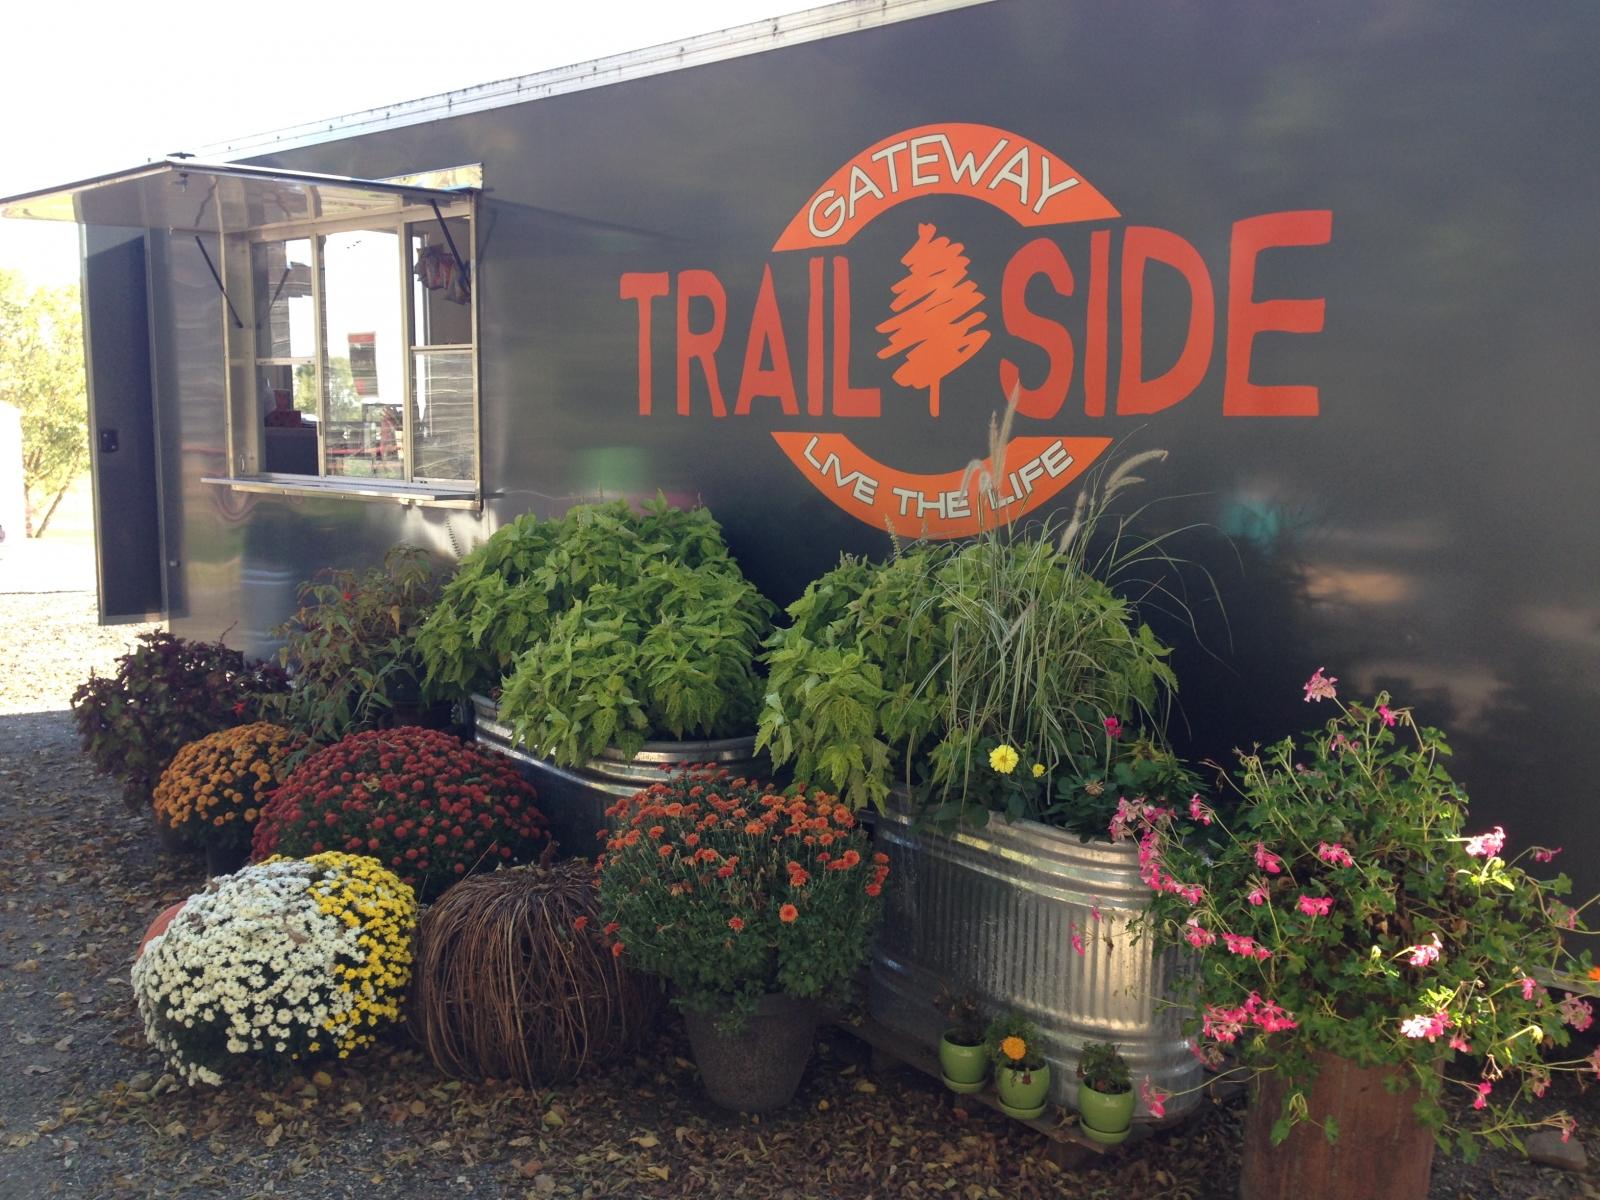 Gateway Trailside food truck, Spruce Hill Farm